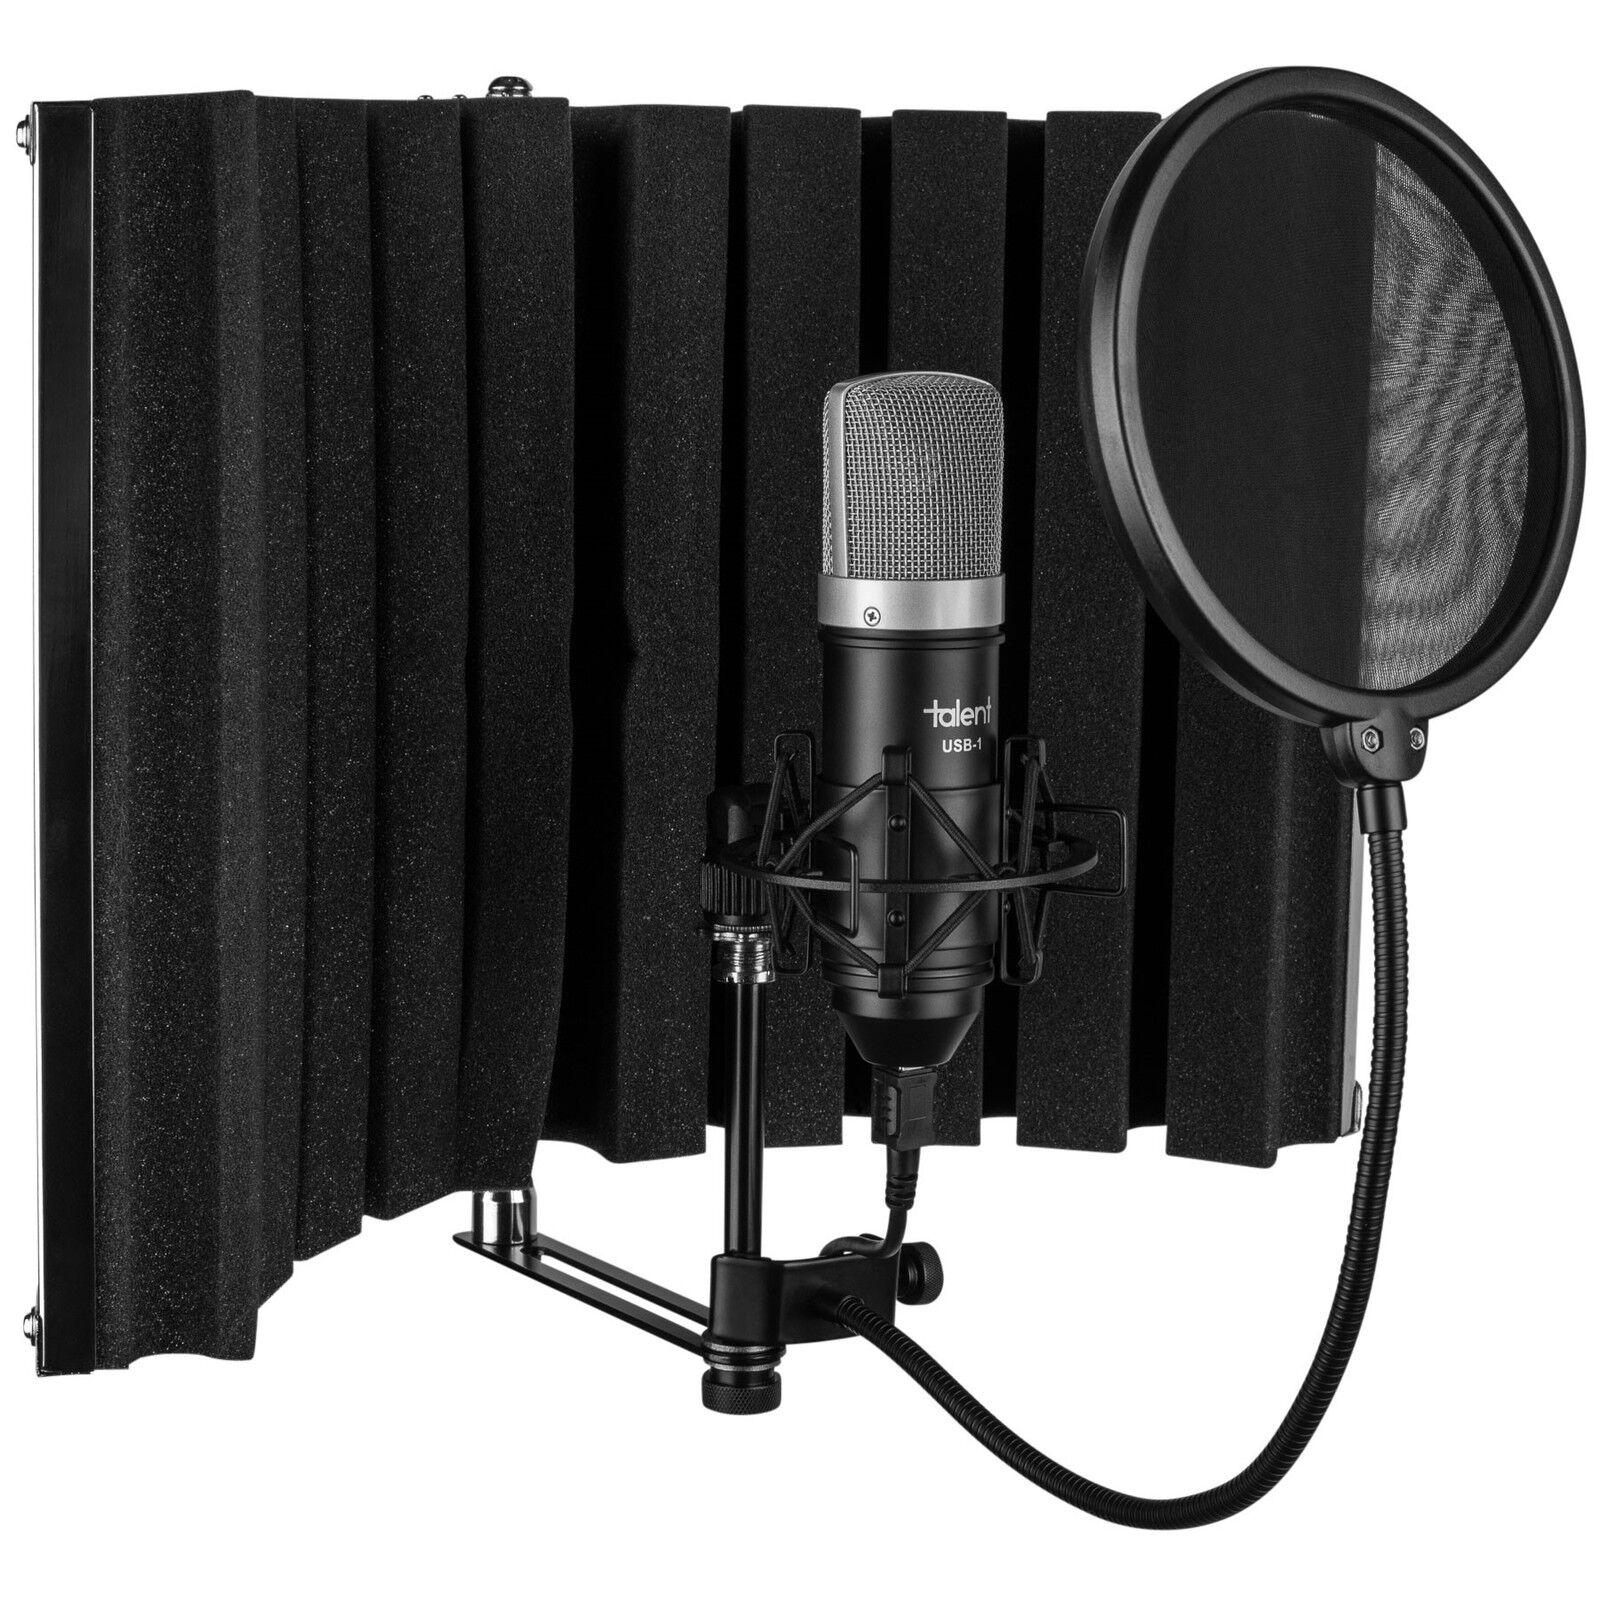 talent usb home recording studio kit vocal booth usb mic shock mount pop filter. Black Bedroom Furniture Sets. Home Design Ideas